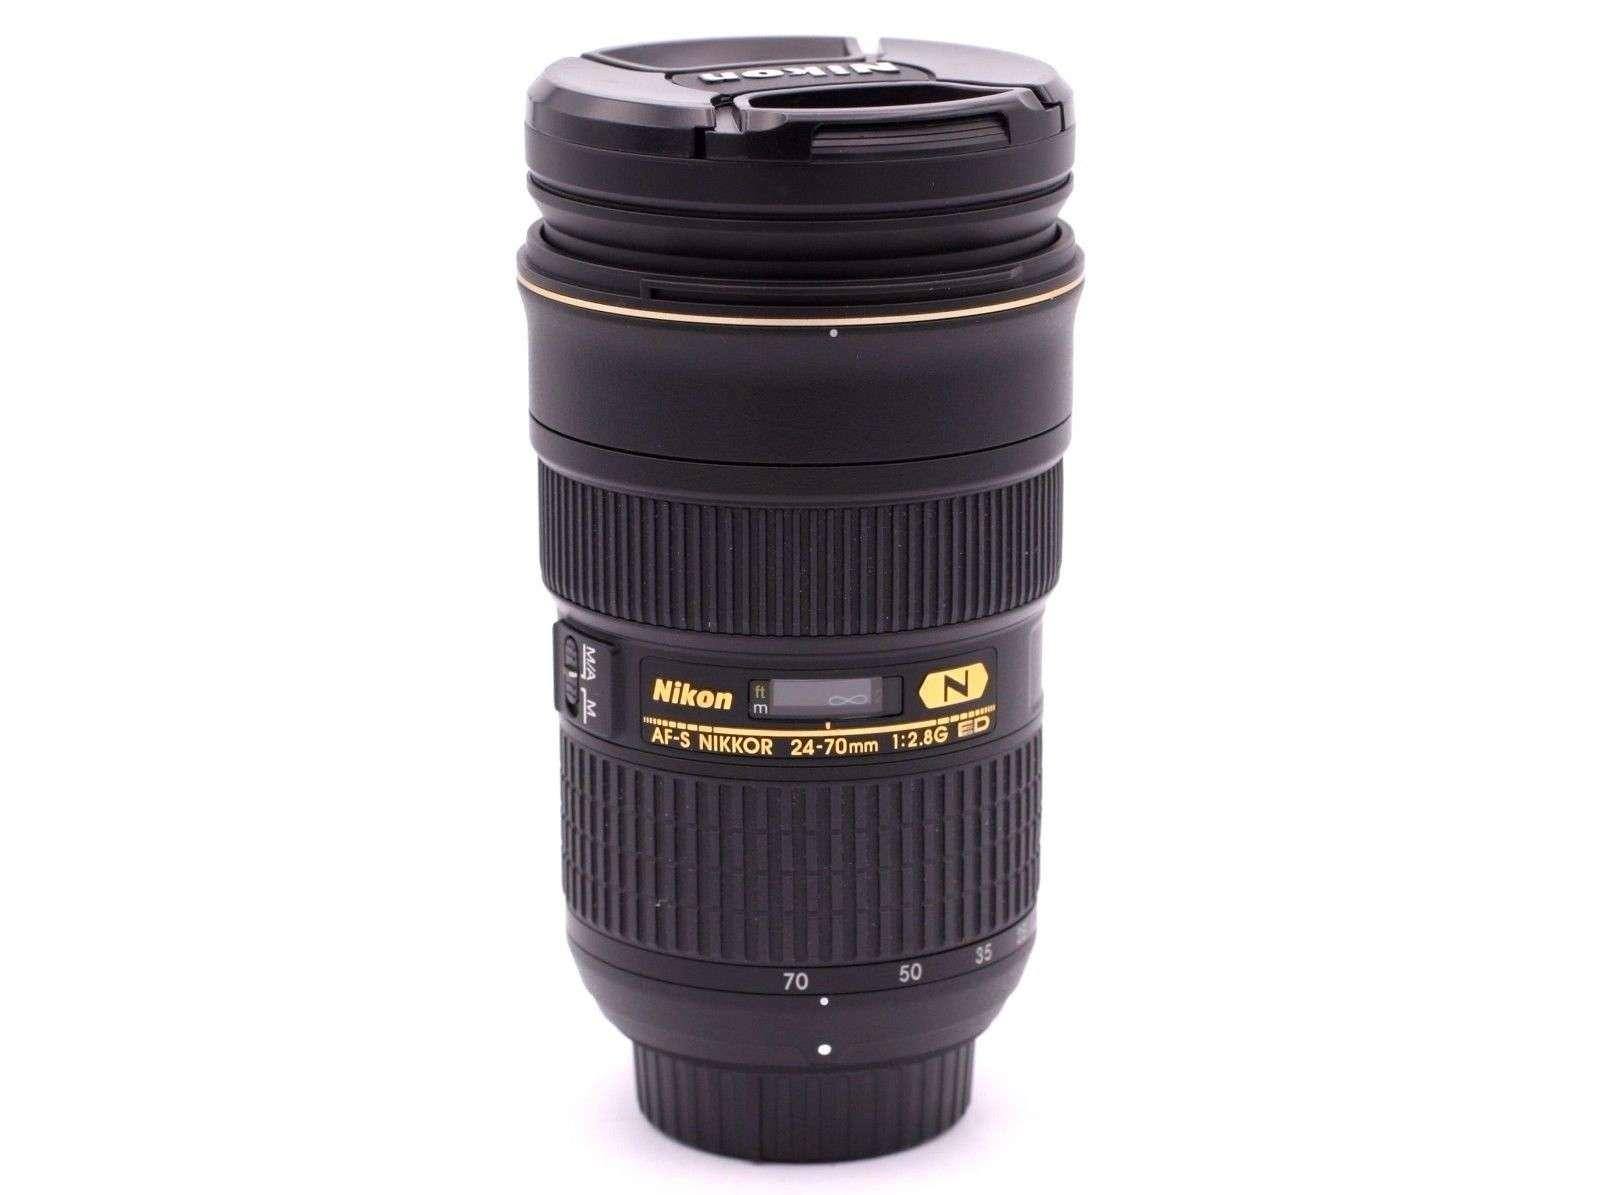 nikon af s nikkor 24 70mm f 2 8g ed lens for nikon dslr cameras rh ebay com 24-70Mm Wedding Nikon 24-70Mm